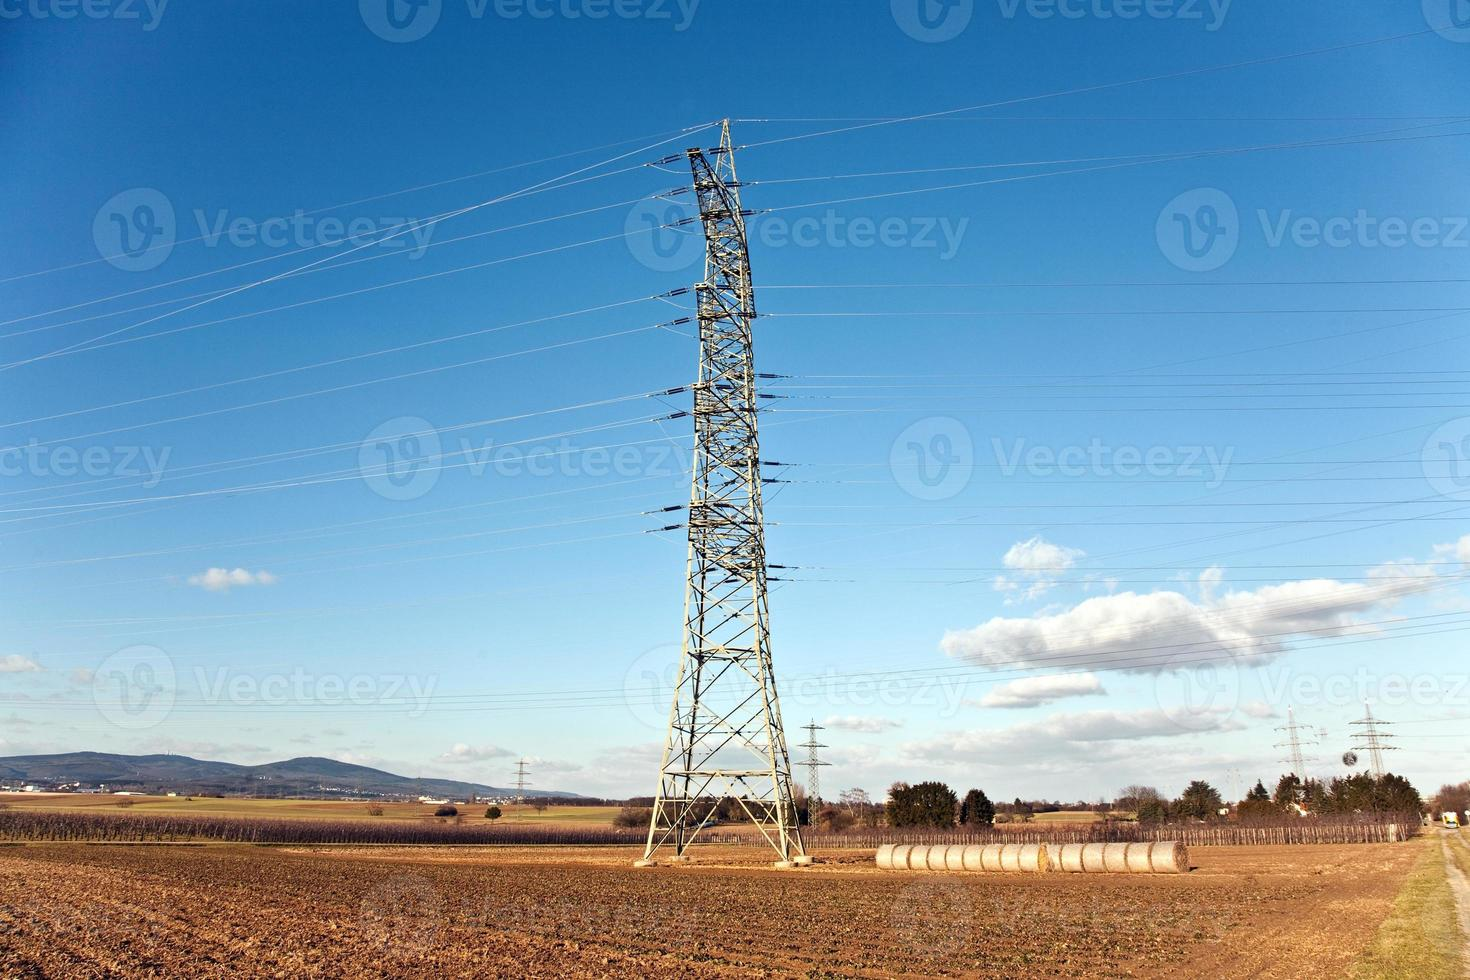 elektriciteitstoren voor energie in een prachtig landschap foto